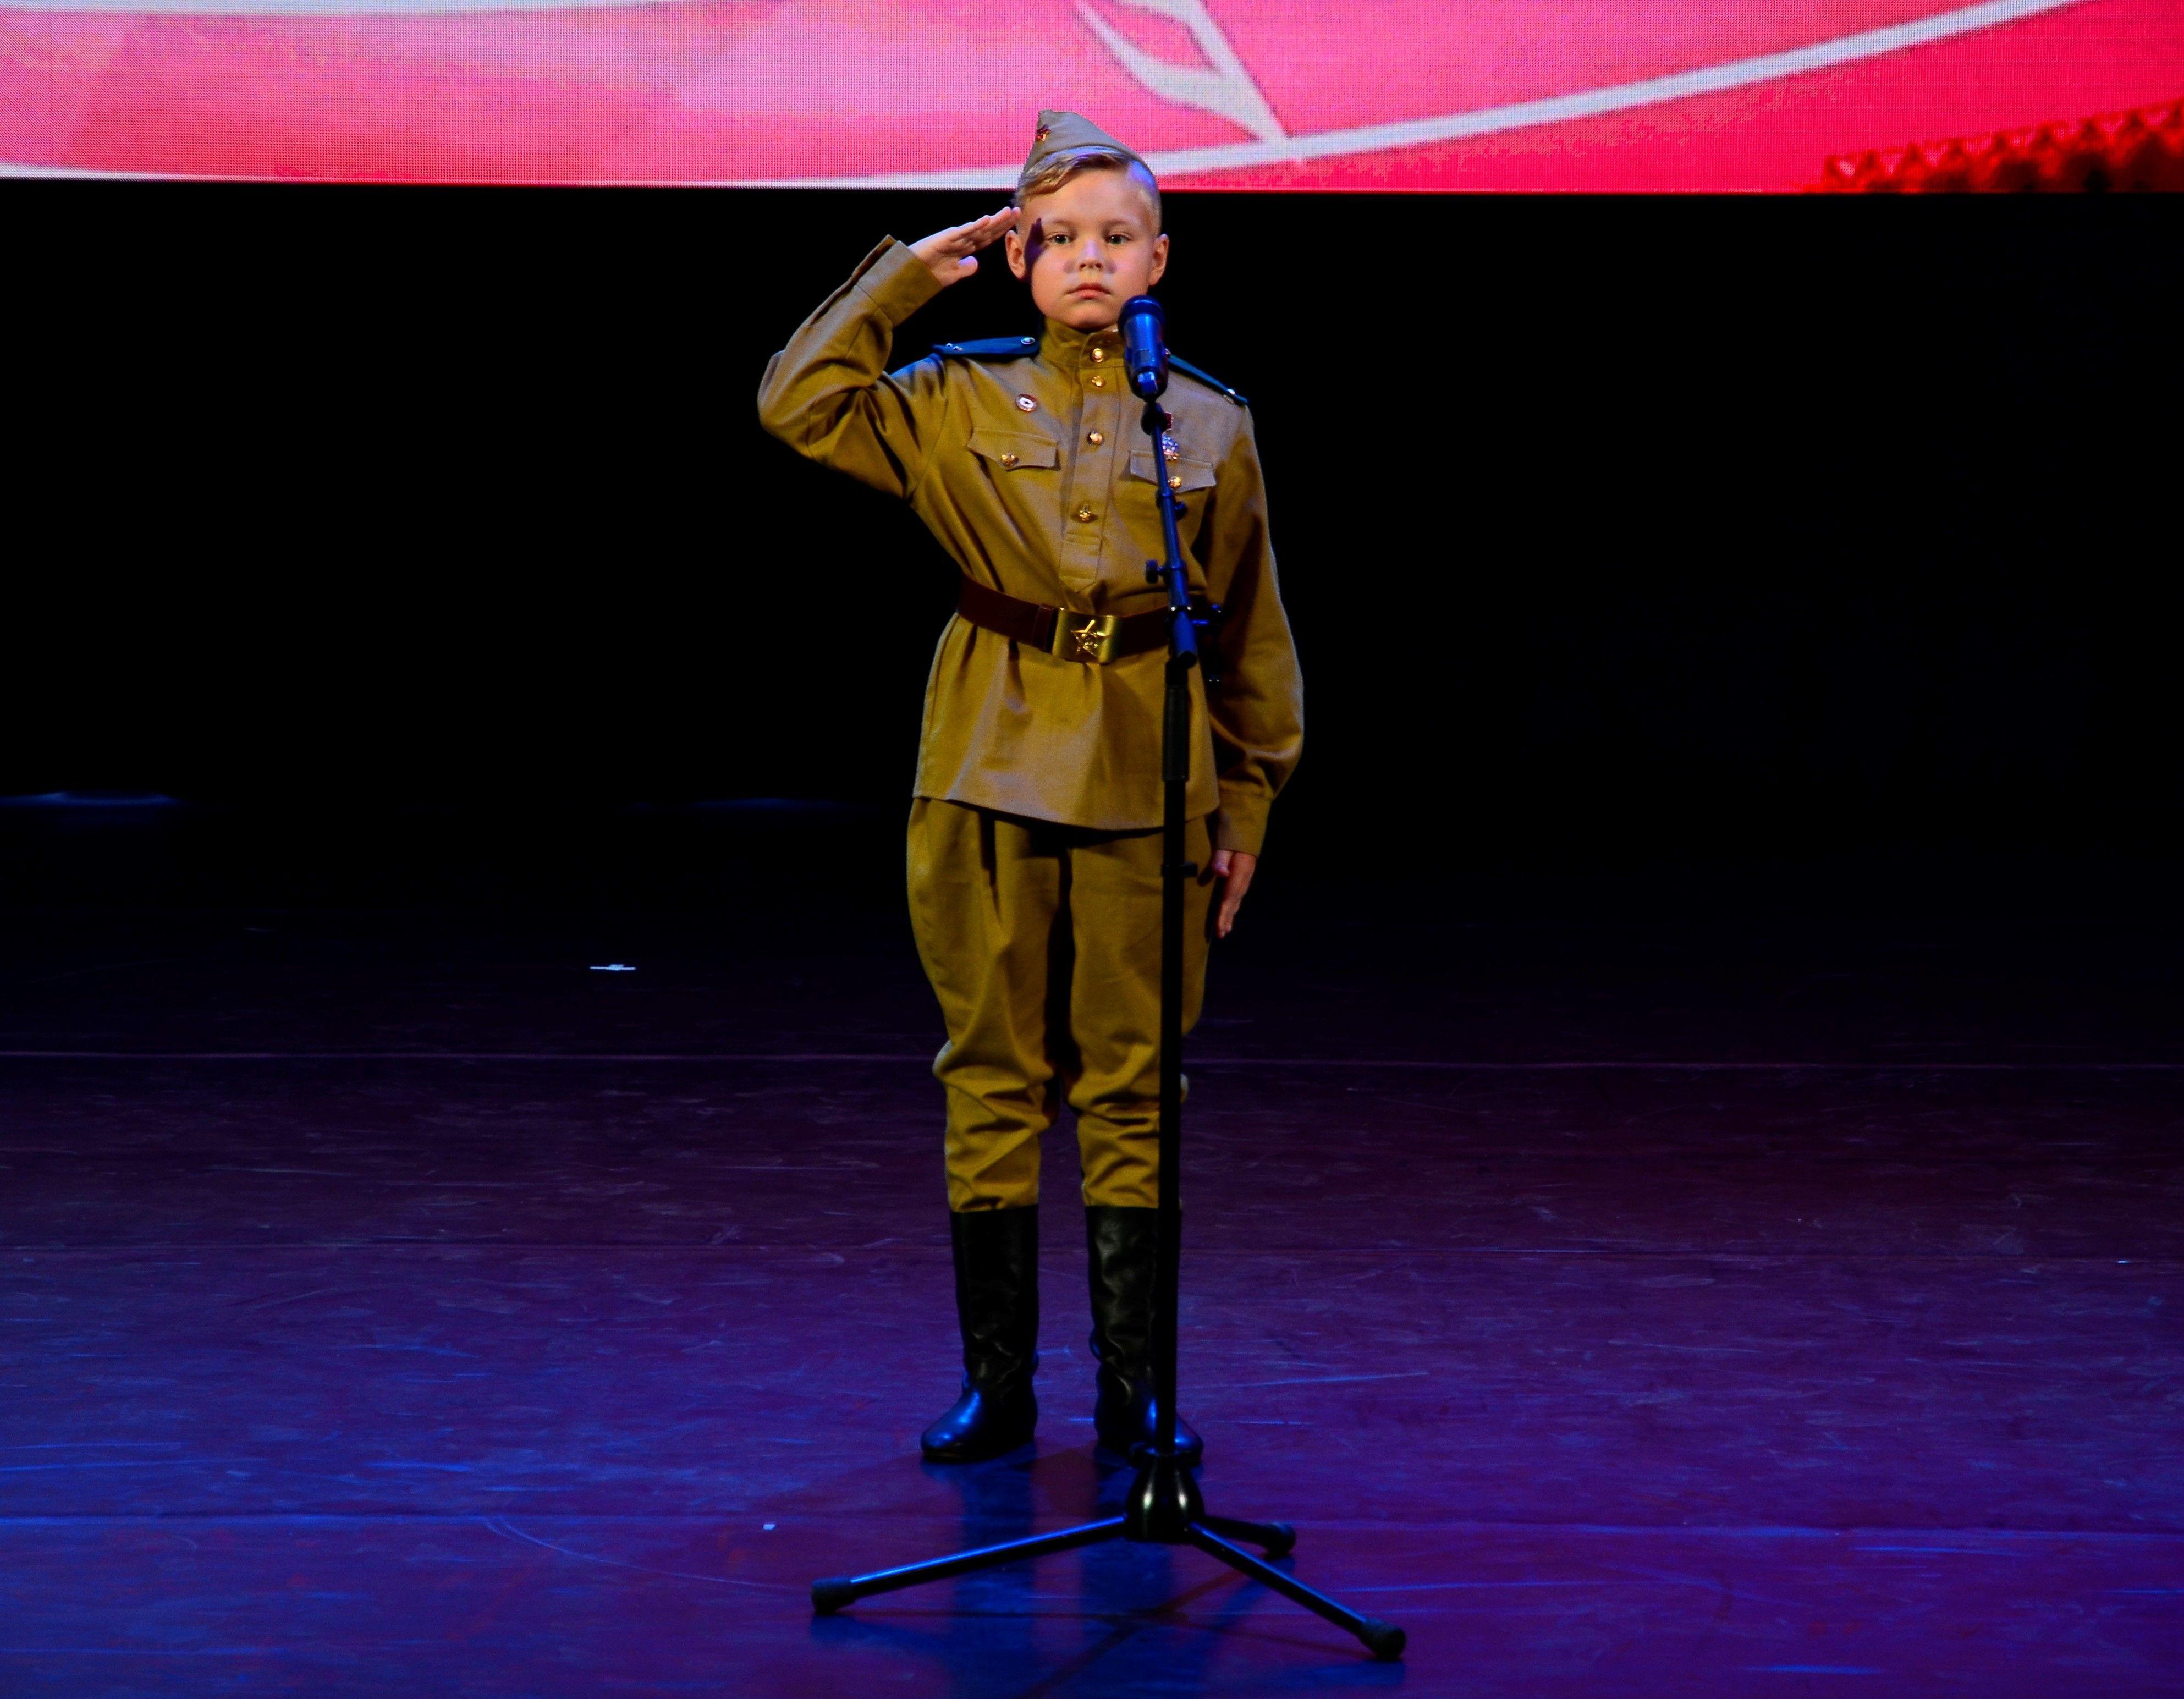 Празднуем День защитника Отечества: самые яркие мероприятия Новой Москвы для настоящих мужчин